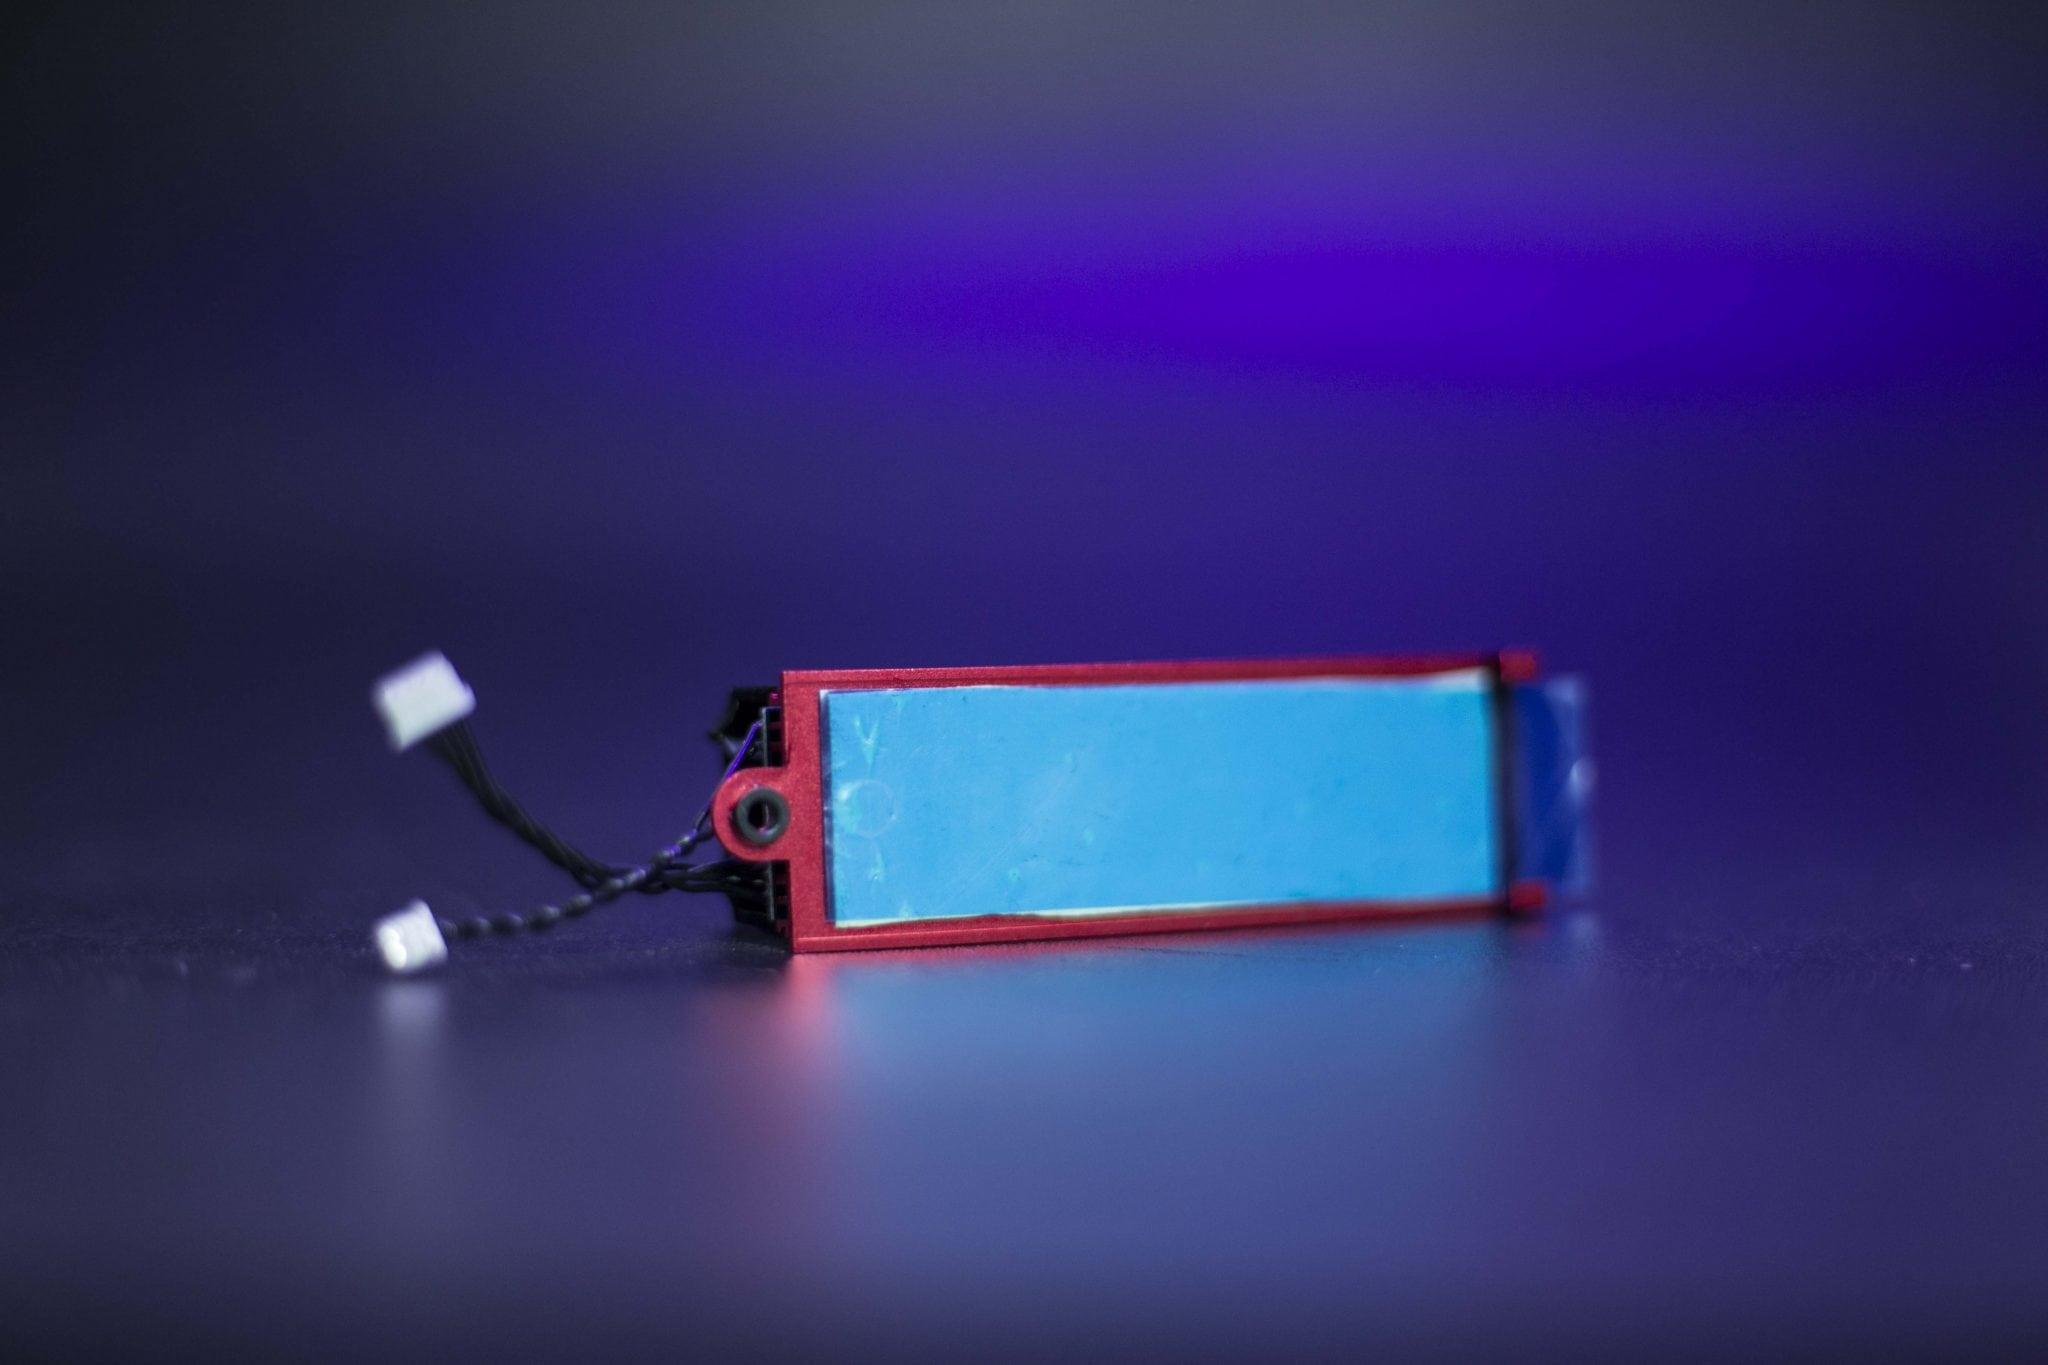 ADATA XPG STORM RGB M.2 2280 SSD Heatsink